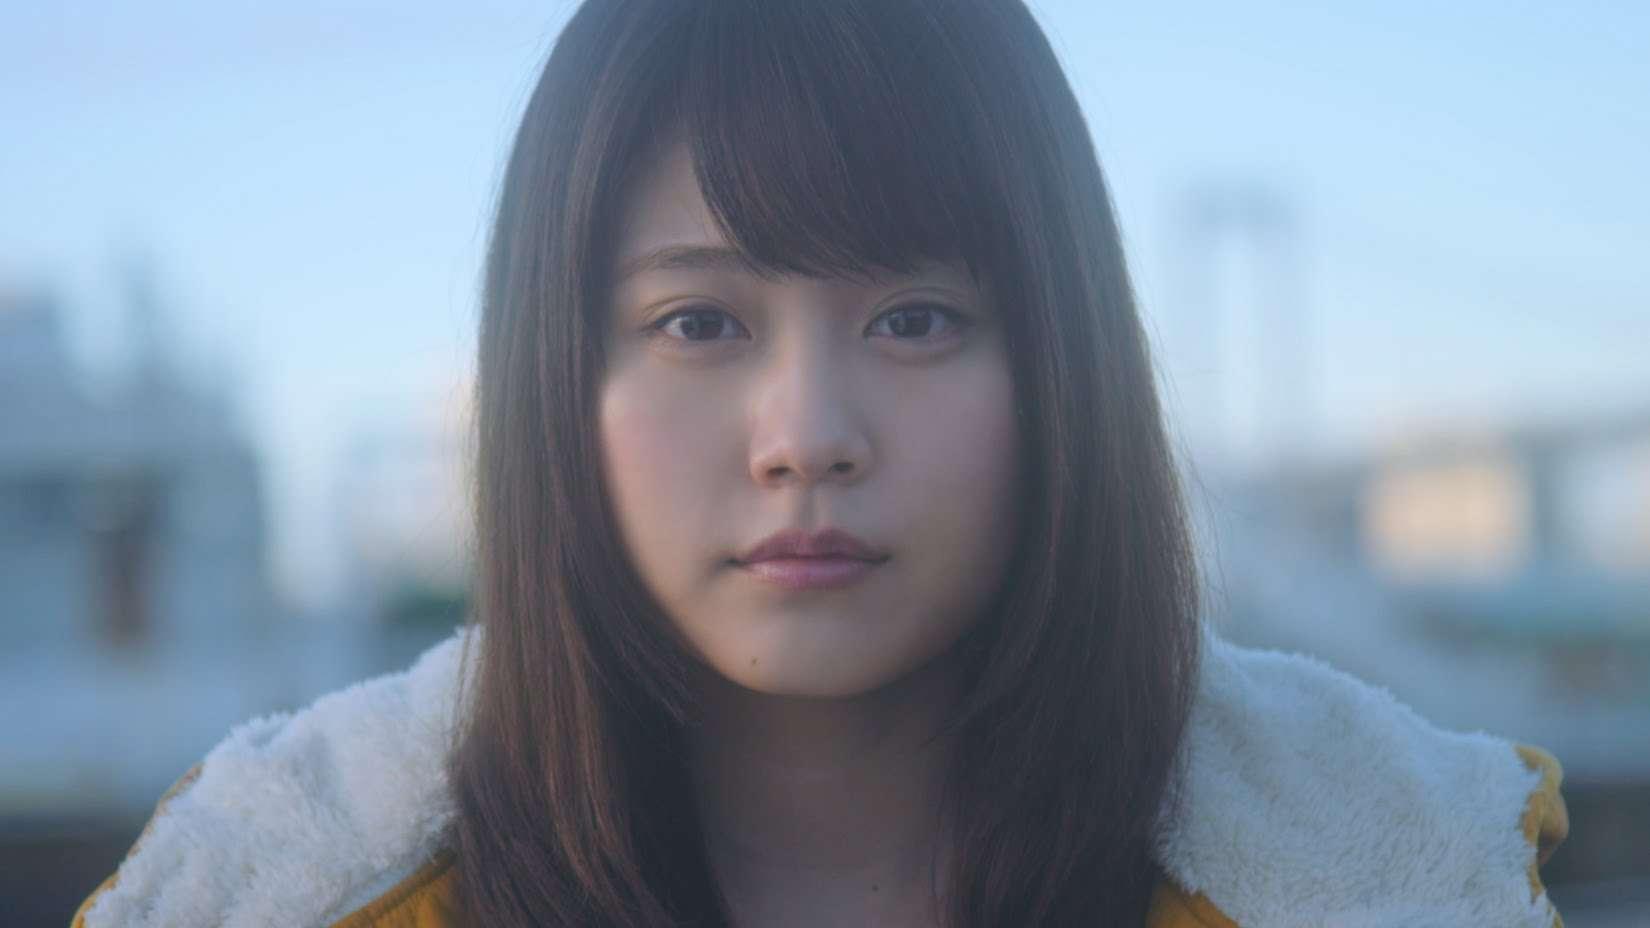 手嶌葵 「明日への手紙」 作詞作曲:池田綾子(2002年デビュー・武蔵野音大卒の38歳美人シンガーソングライター)